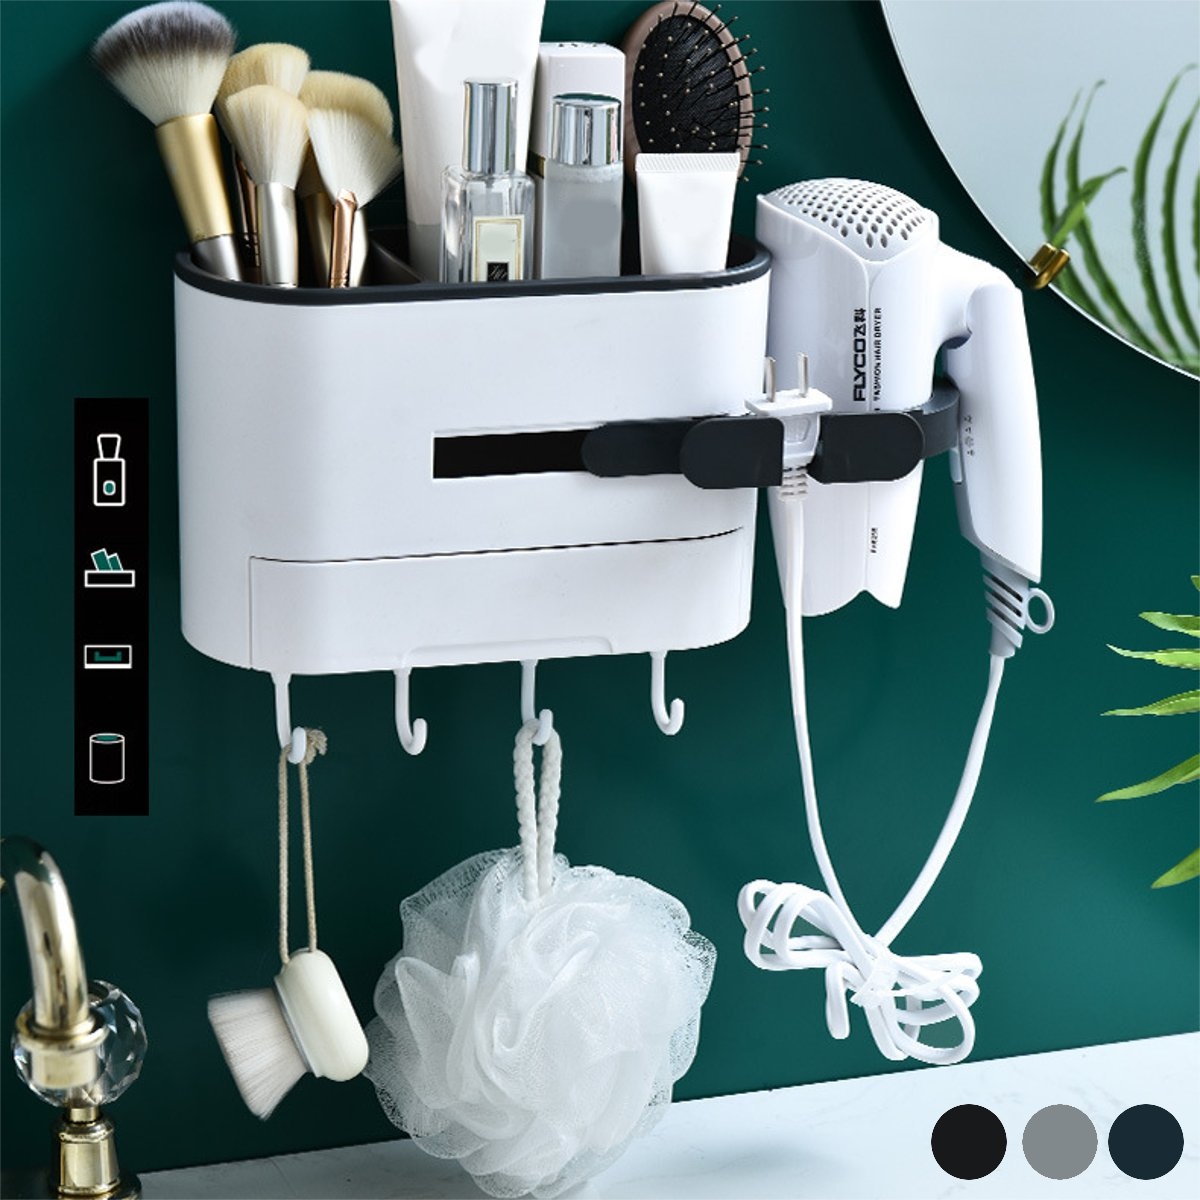 Estante de pared para baño secador de pelo, estante colgante para maquillaje, cosméticos, cajón de almacenamiento, soporte de secador de pelo, accesorio de 3 colores